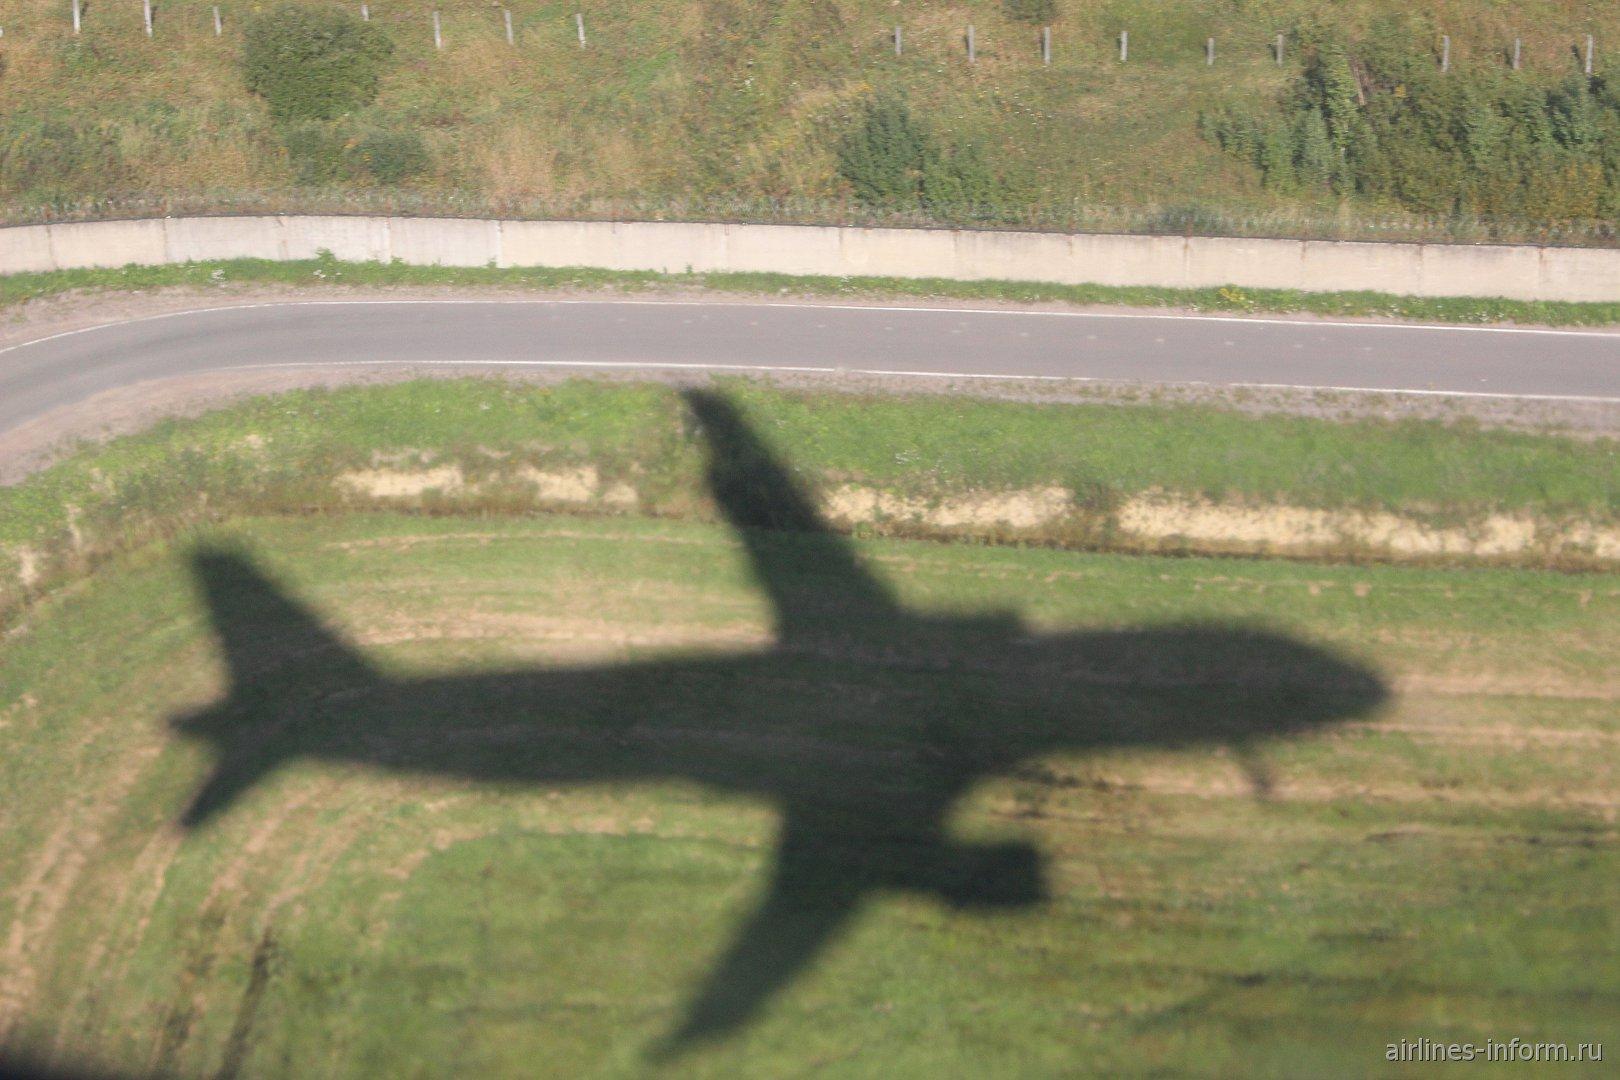 Летний отпуск. Часть 6 - Москва (Шереметьево D - SVO) - Санкт-Петербург (Пулково 1 - LED) с Аэрофлот - Российские авиалинии на А-320